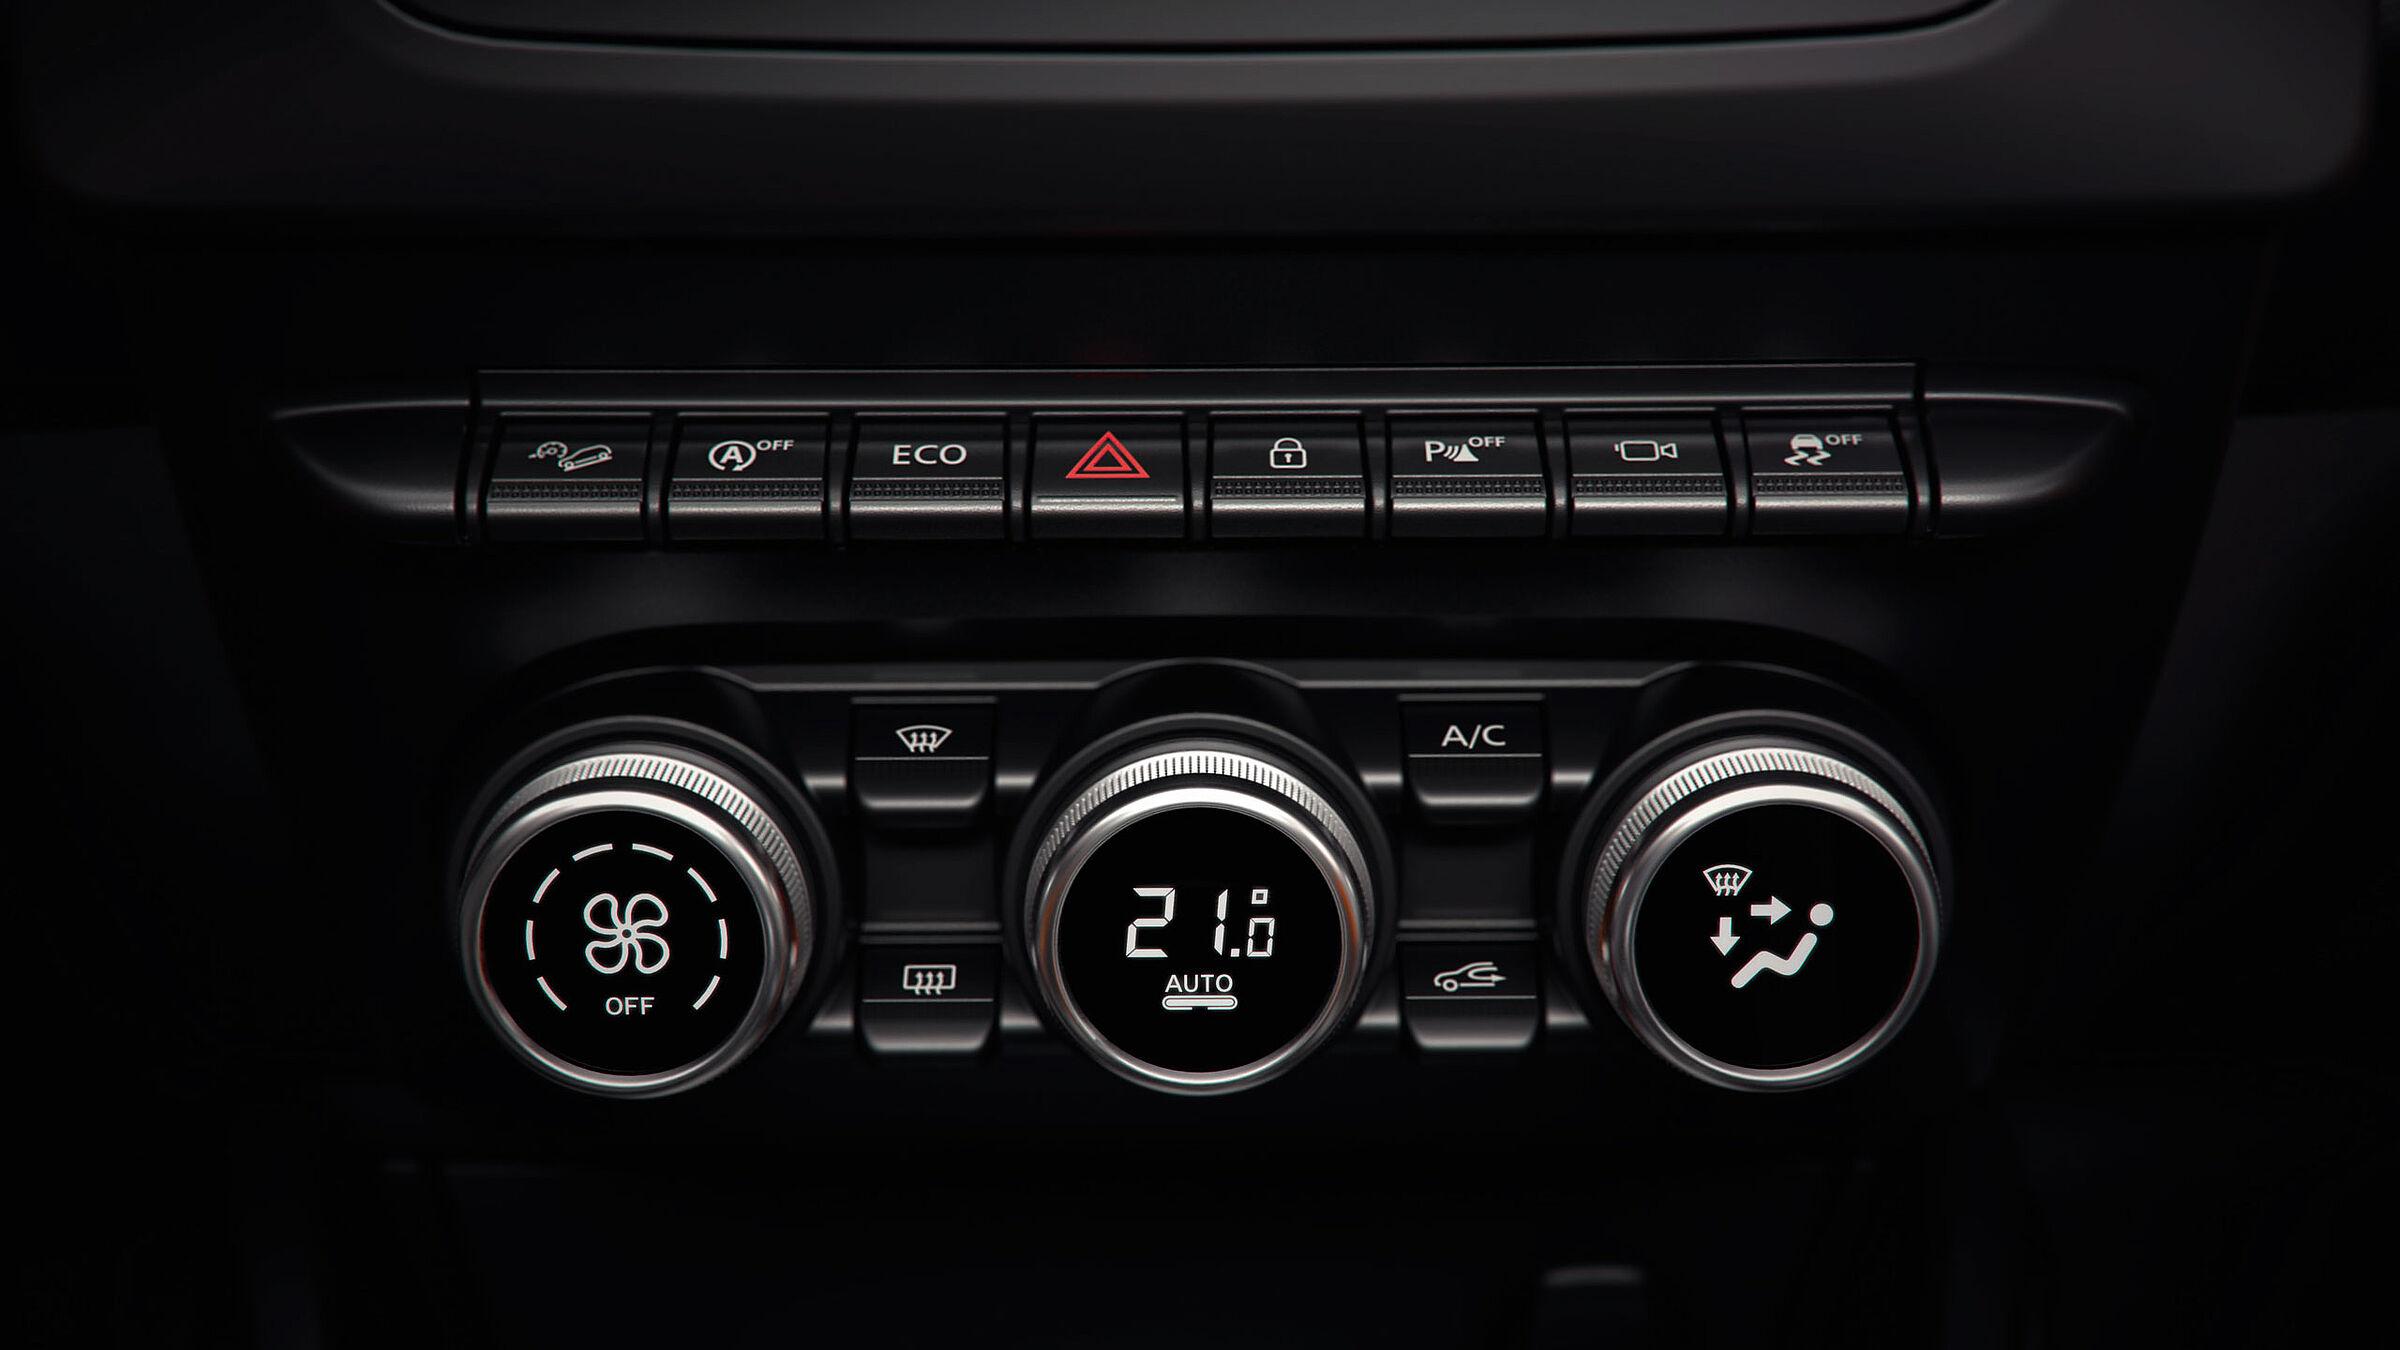 Dacia Duster Autozentren P&A-Preckel